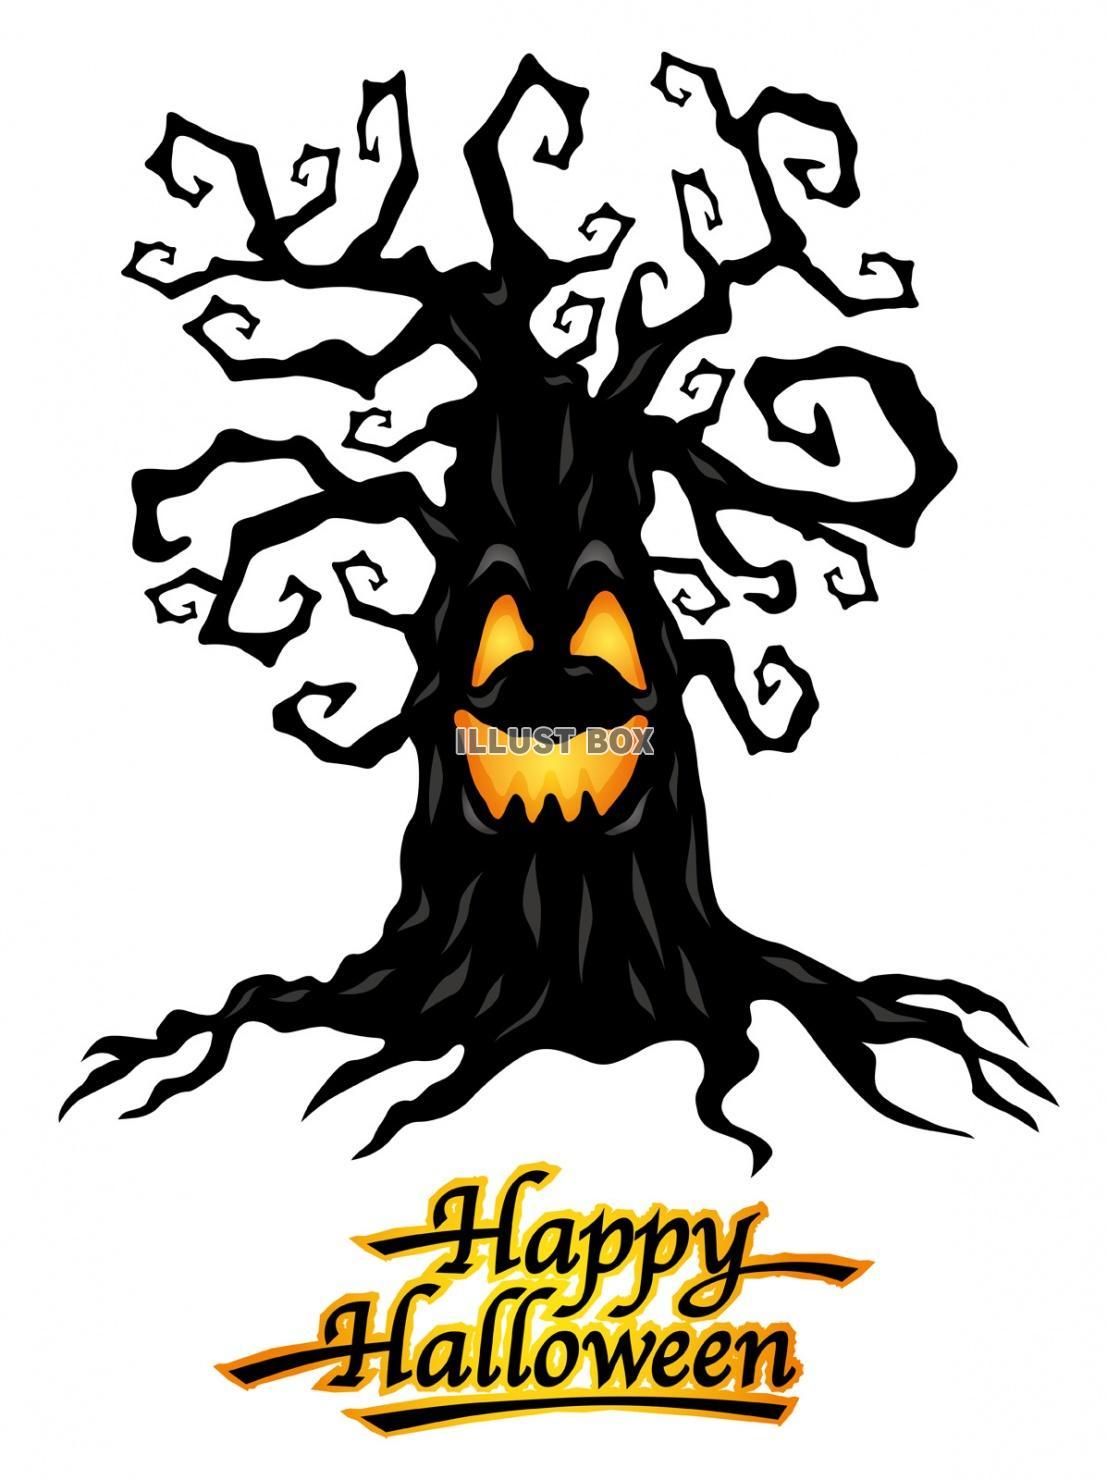 無料イラスト ハロウィーンのキャラクター 「呪われた木」